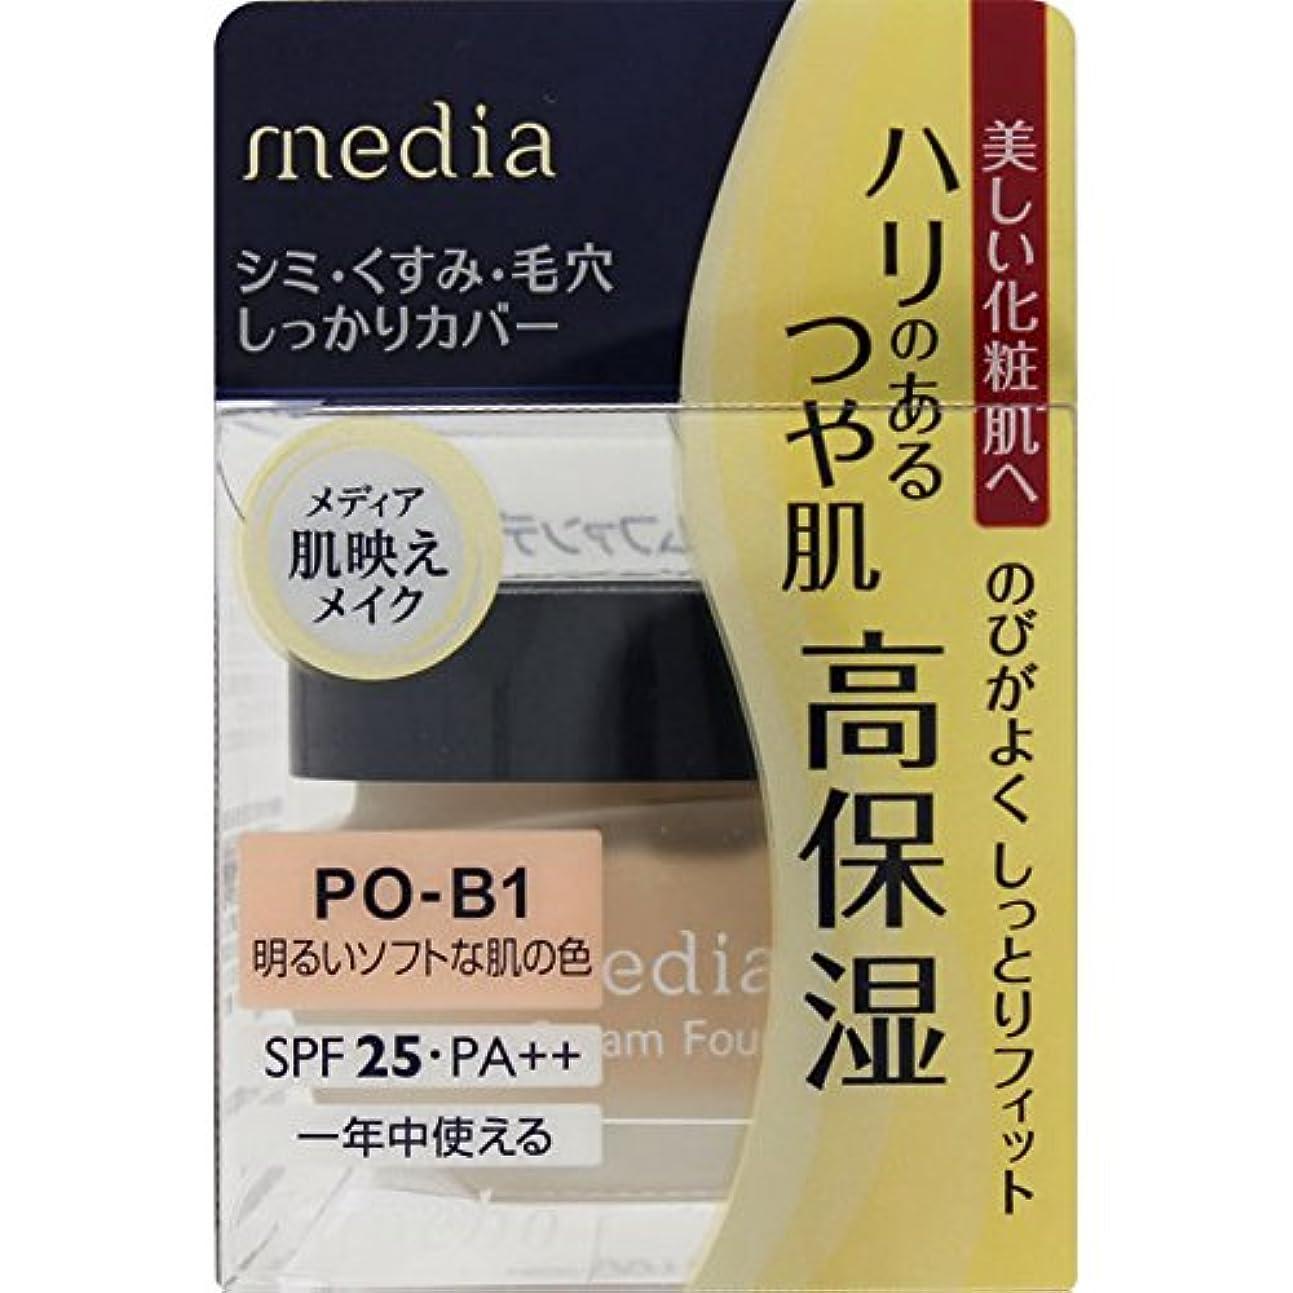 勇者受信機容器カネボウ化粧品 メディア クリームファンデーション 明るいソフトな肌の色 POーB1